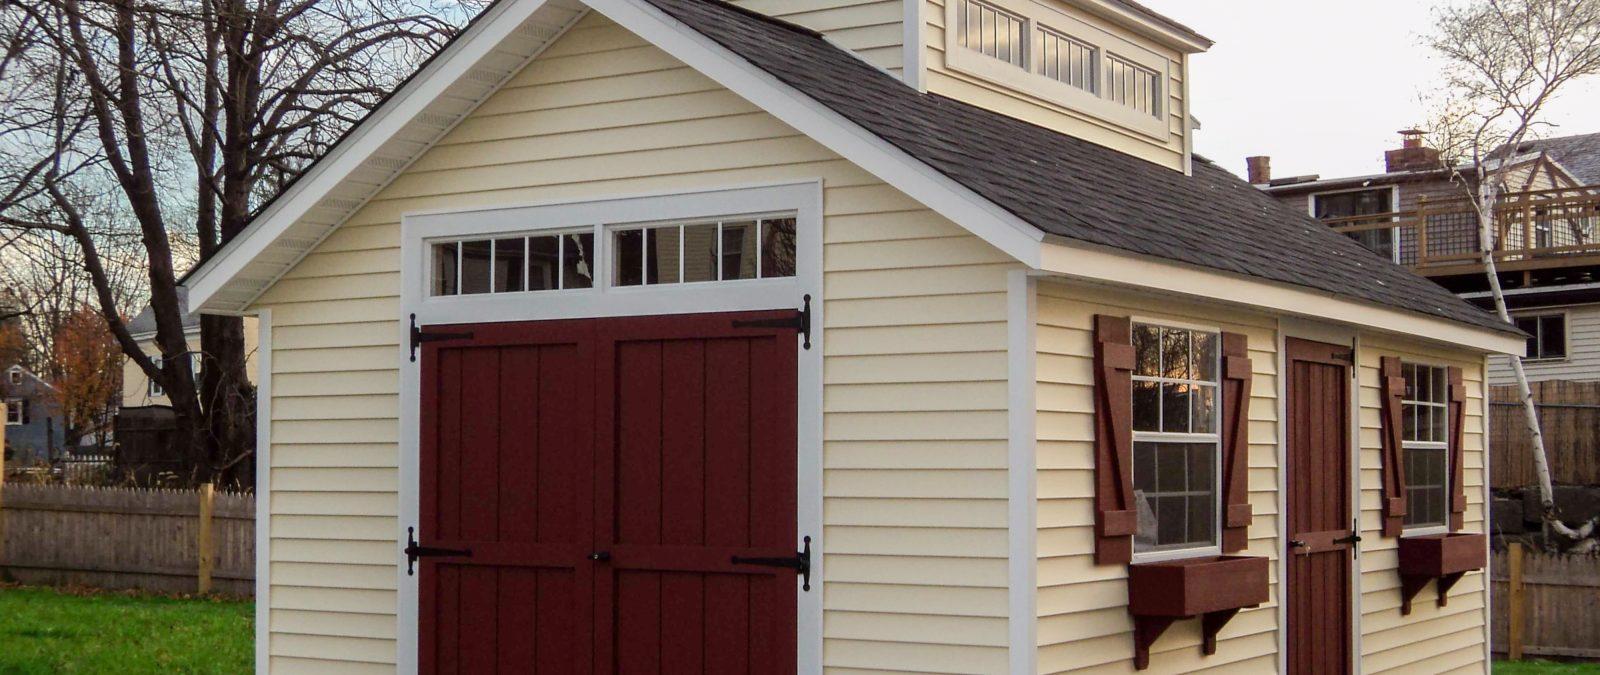 unique storage shed